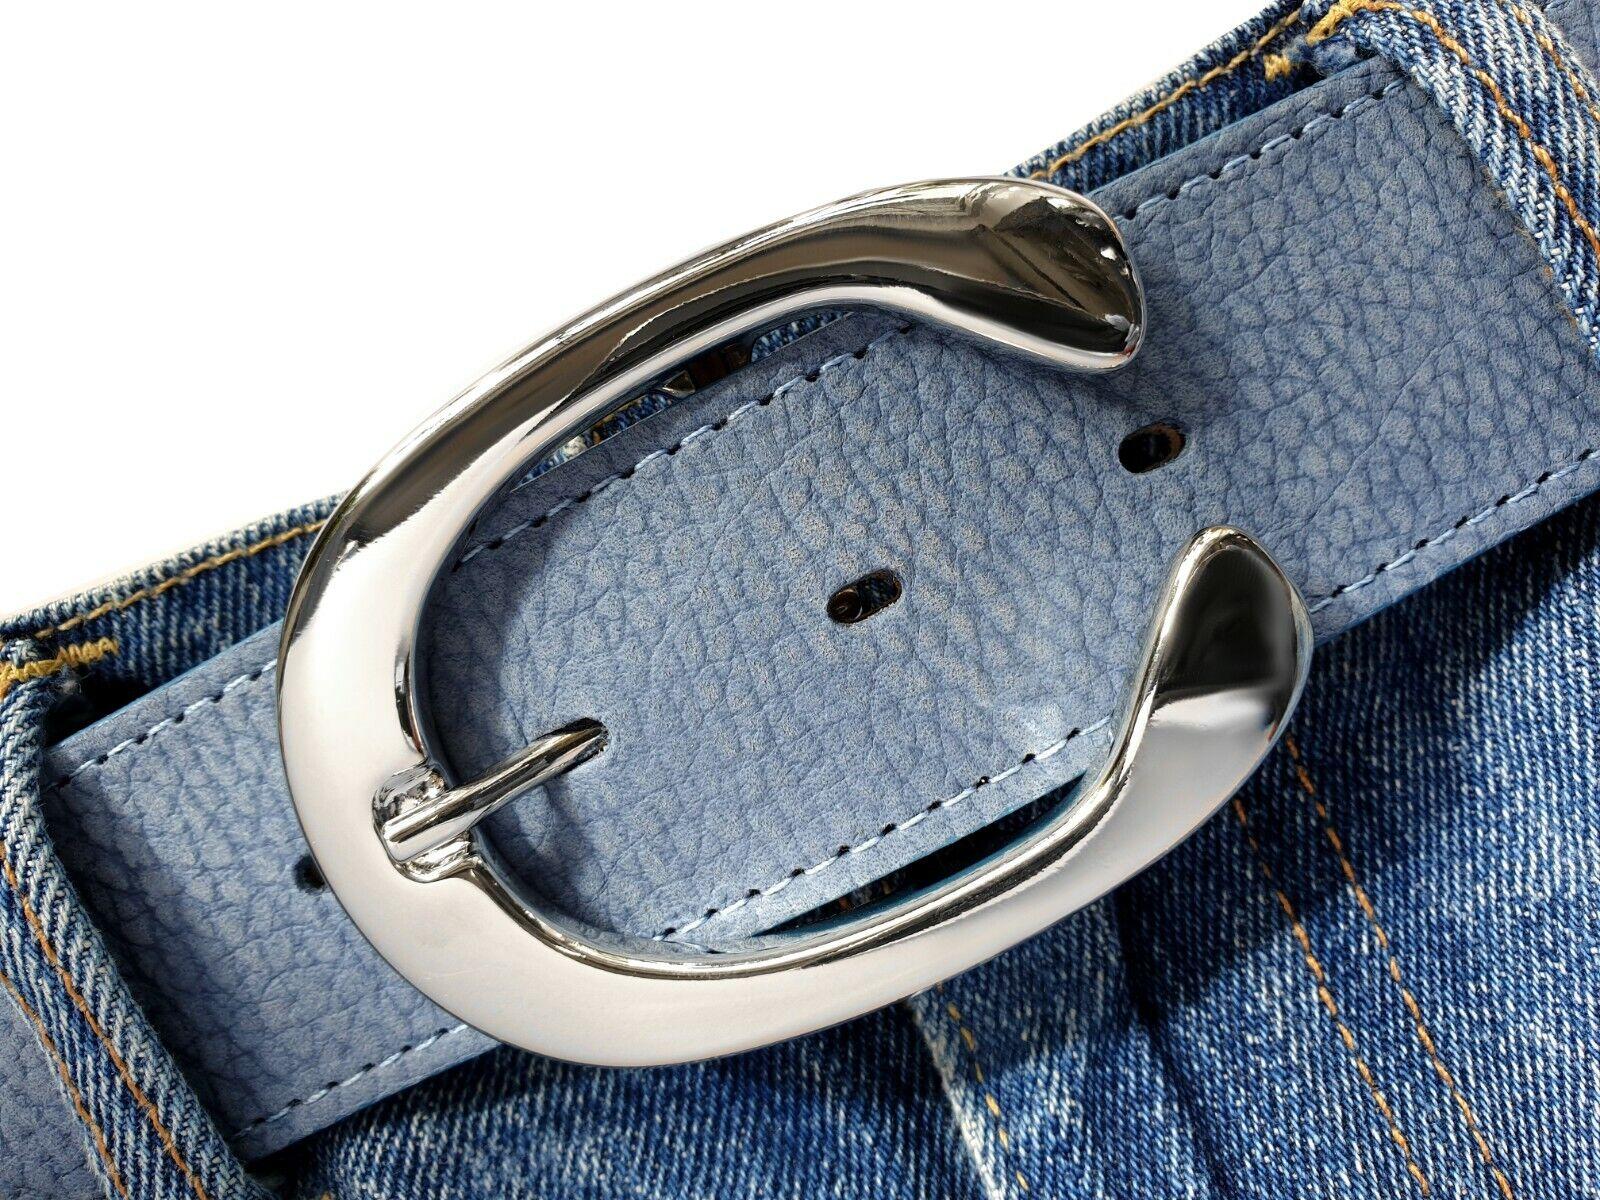 Gürtelschließe elegant buckle silber poliert Wechselschnalle 4cm C Schnalle